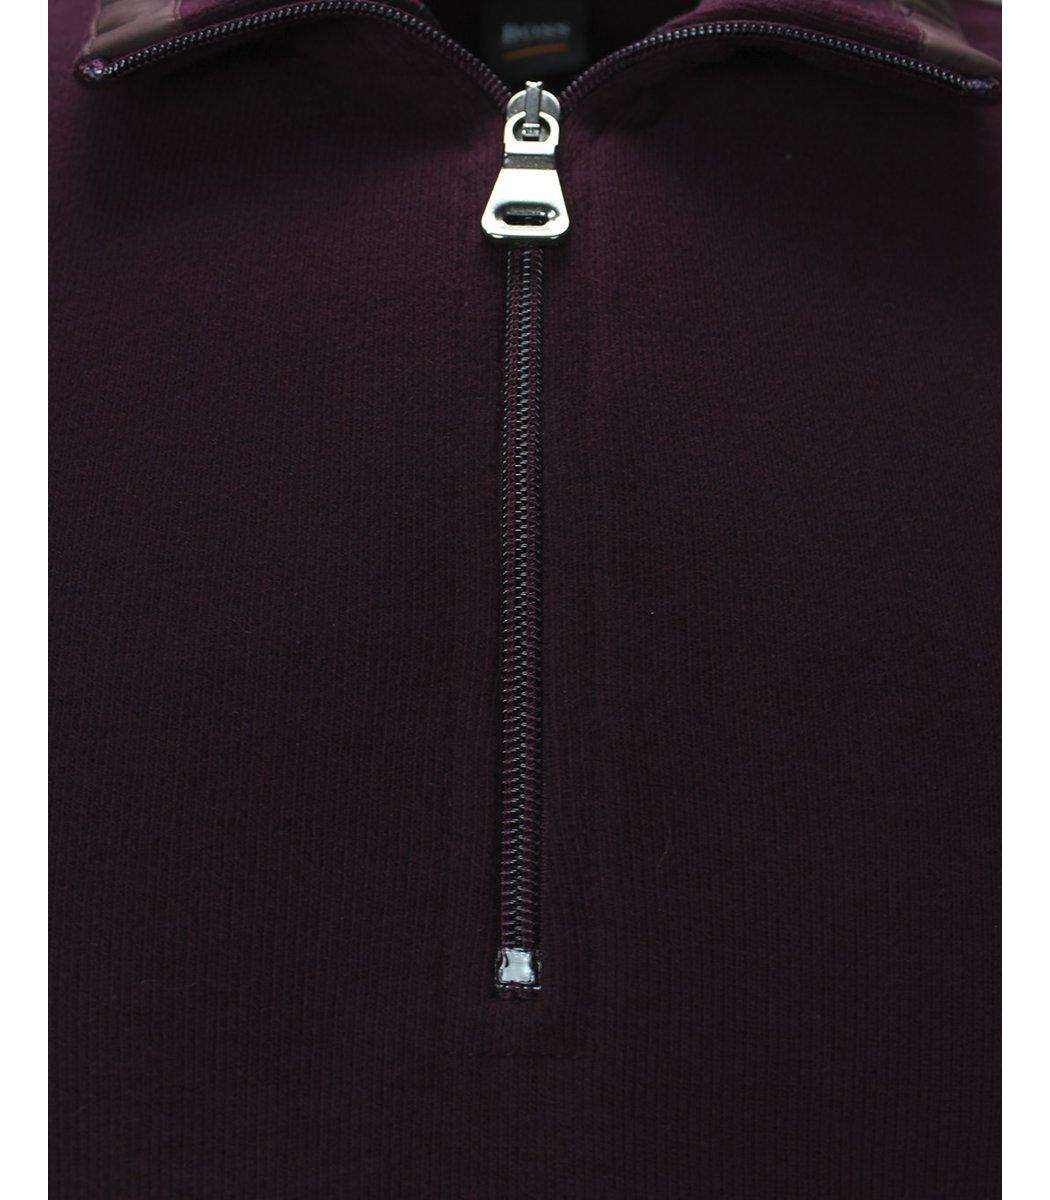 Бордовая кофта воротник стойка на молнии Hugo Boss CHB1